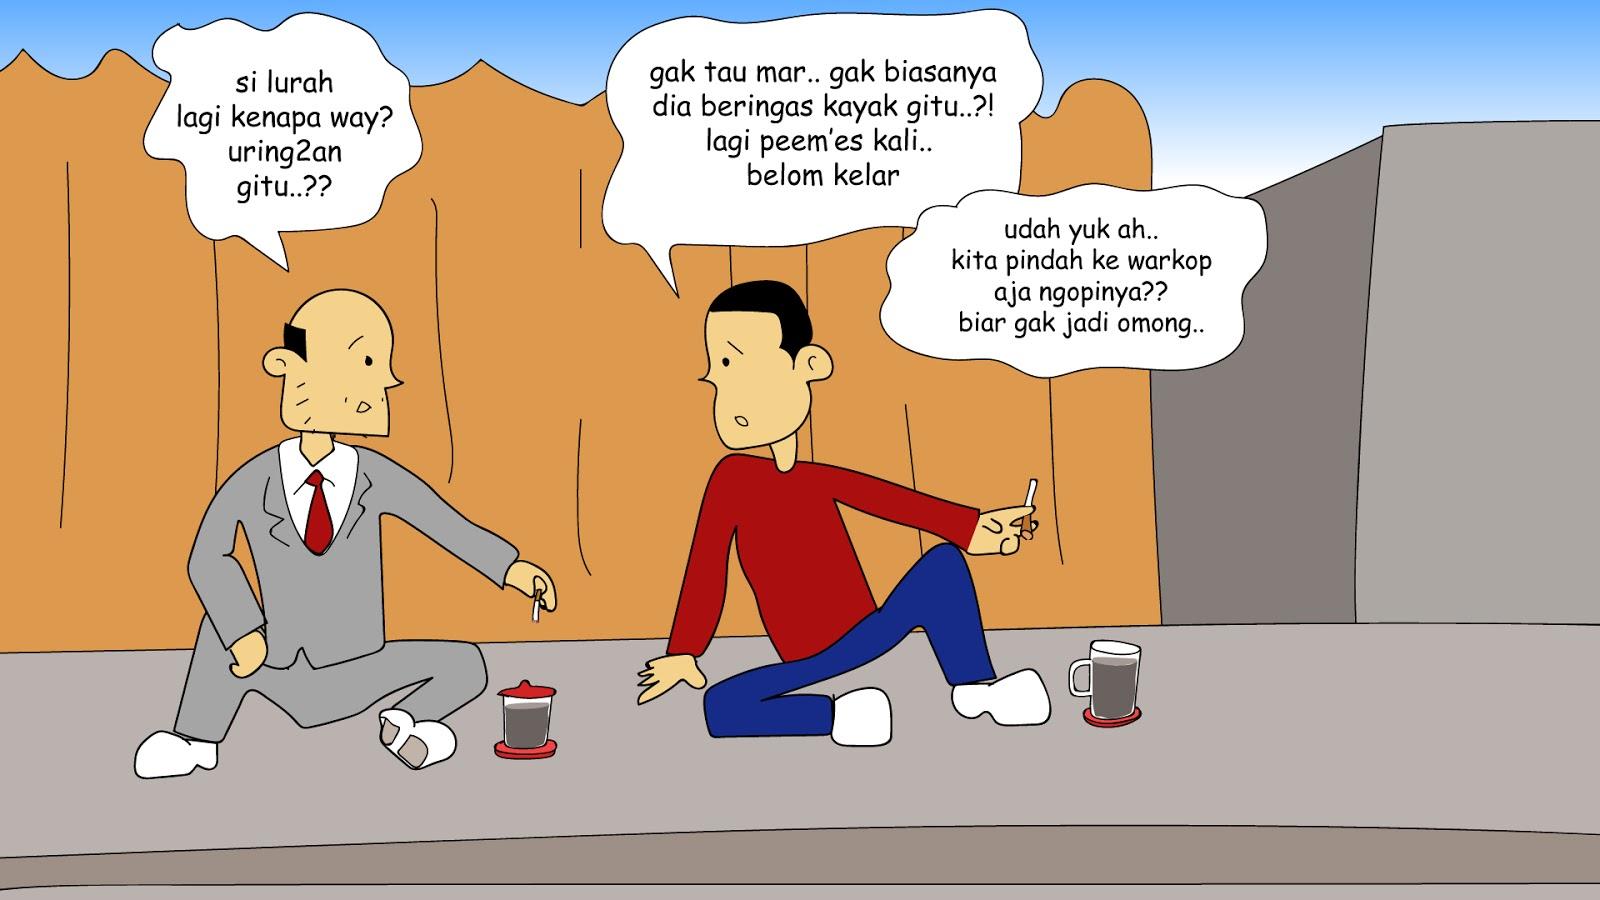 The Kamasutress Puasa Gak Boleh Ngopi